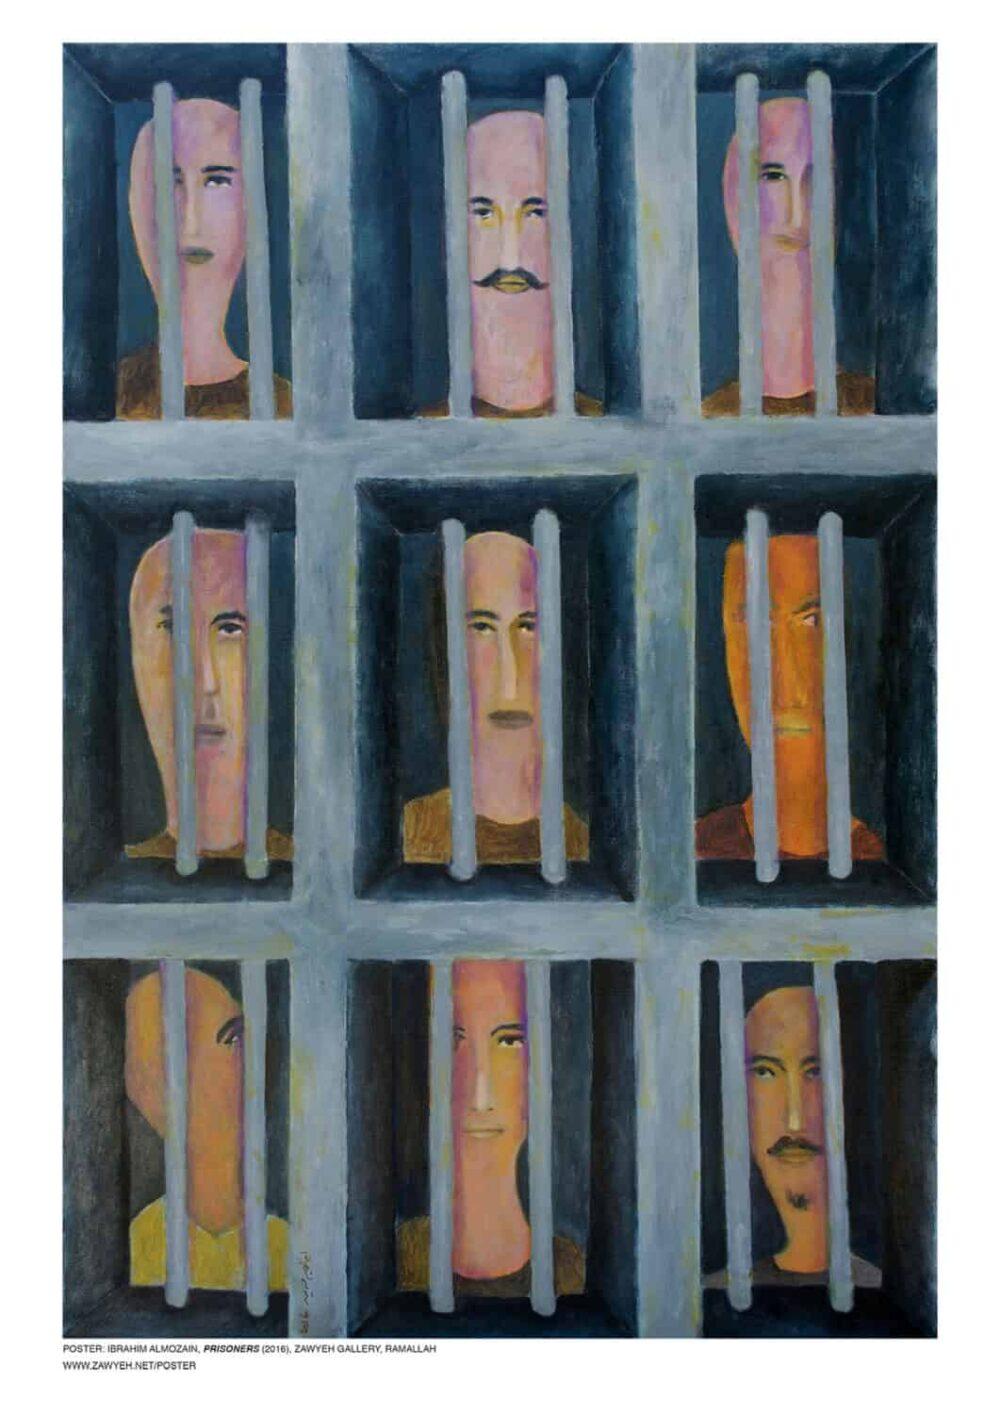 Prisoners by Ibrahim Mozain